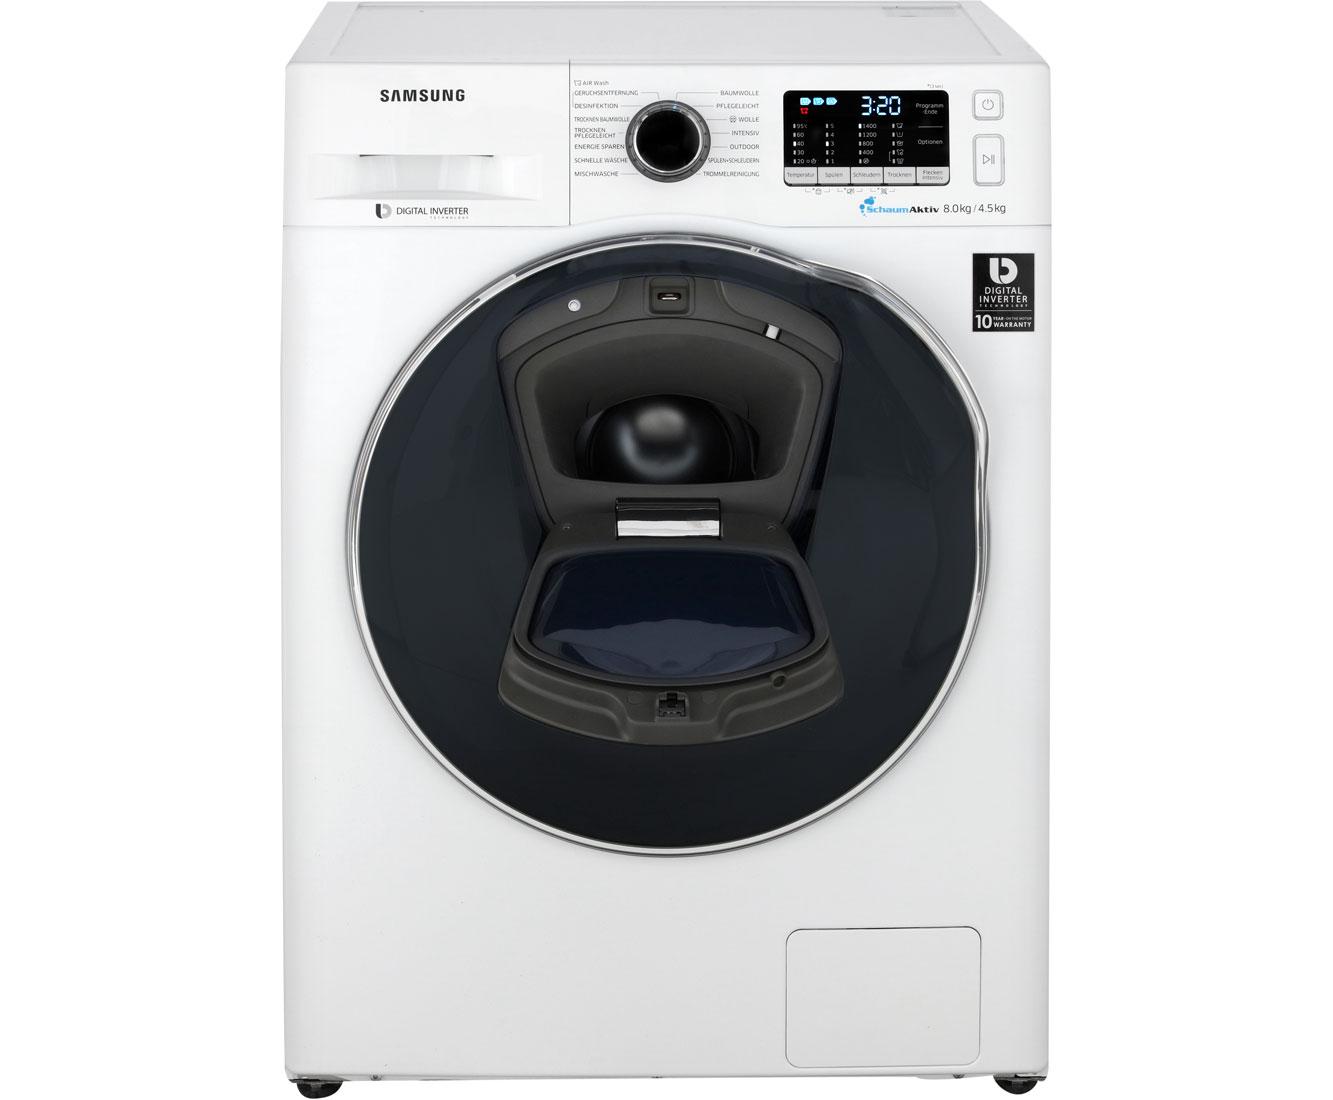 Samsung wd k a ow eg waschtrockner kg waschen kg